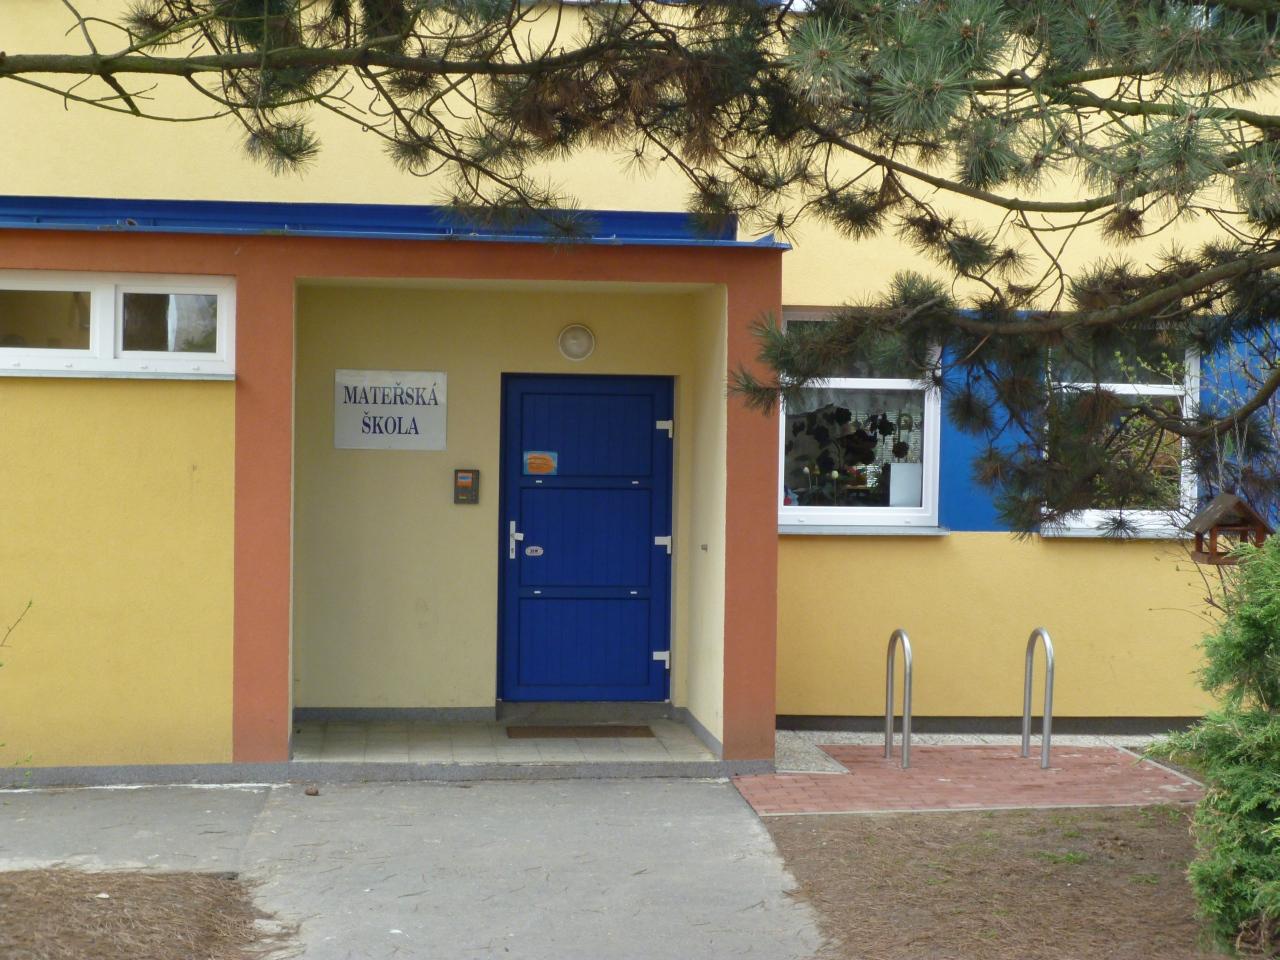 II 01a MŠ Modletická 1402, obrázek se otevře v novém okně